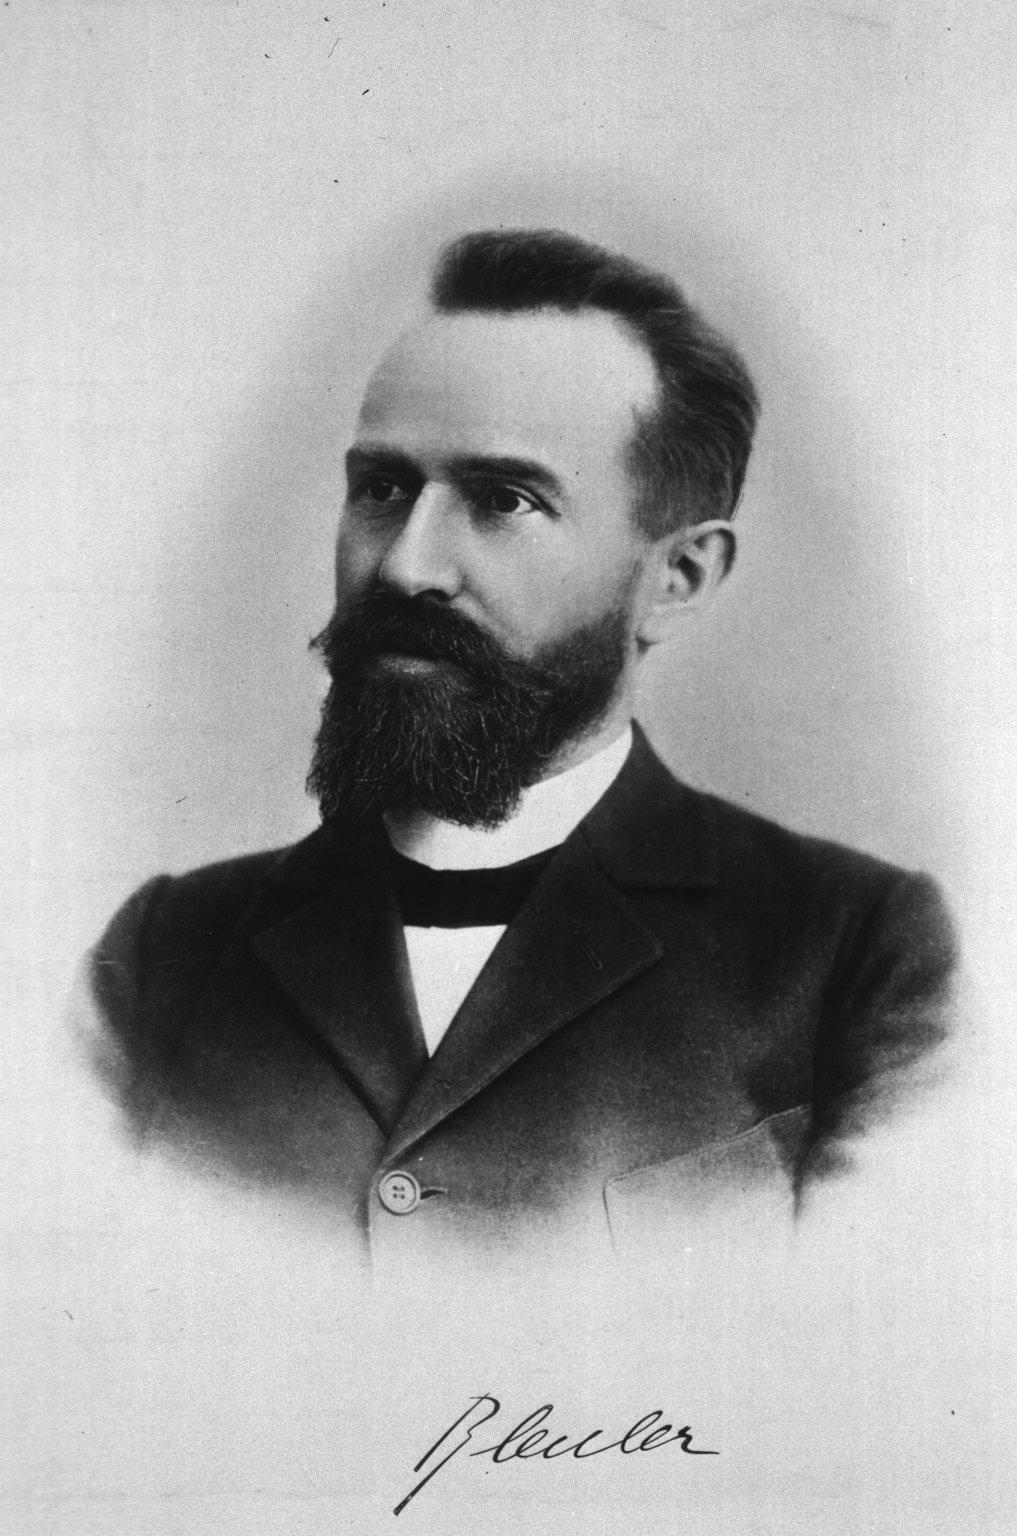 Eugen Bleuler erkannte, dass in der Psyche nicht immer klar zu trennen ist zwischen gesund und krank.